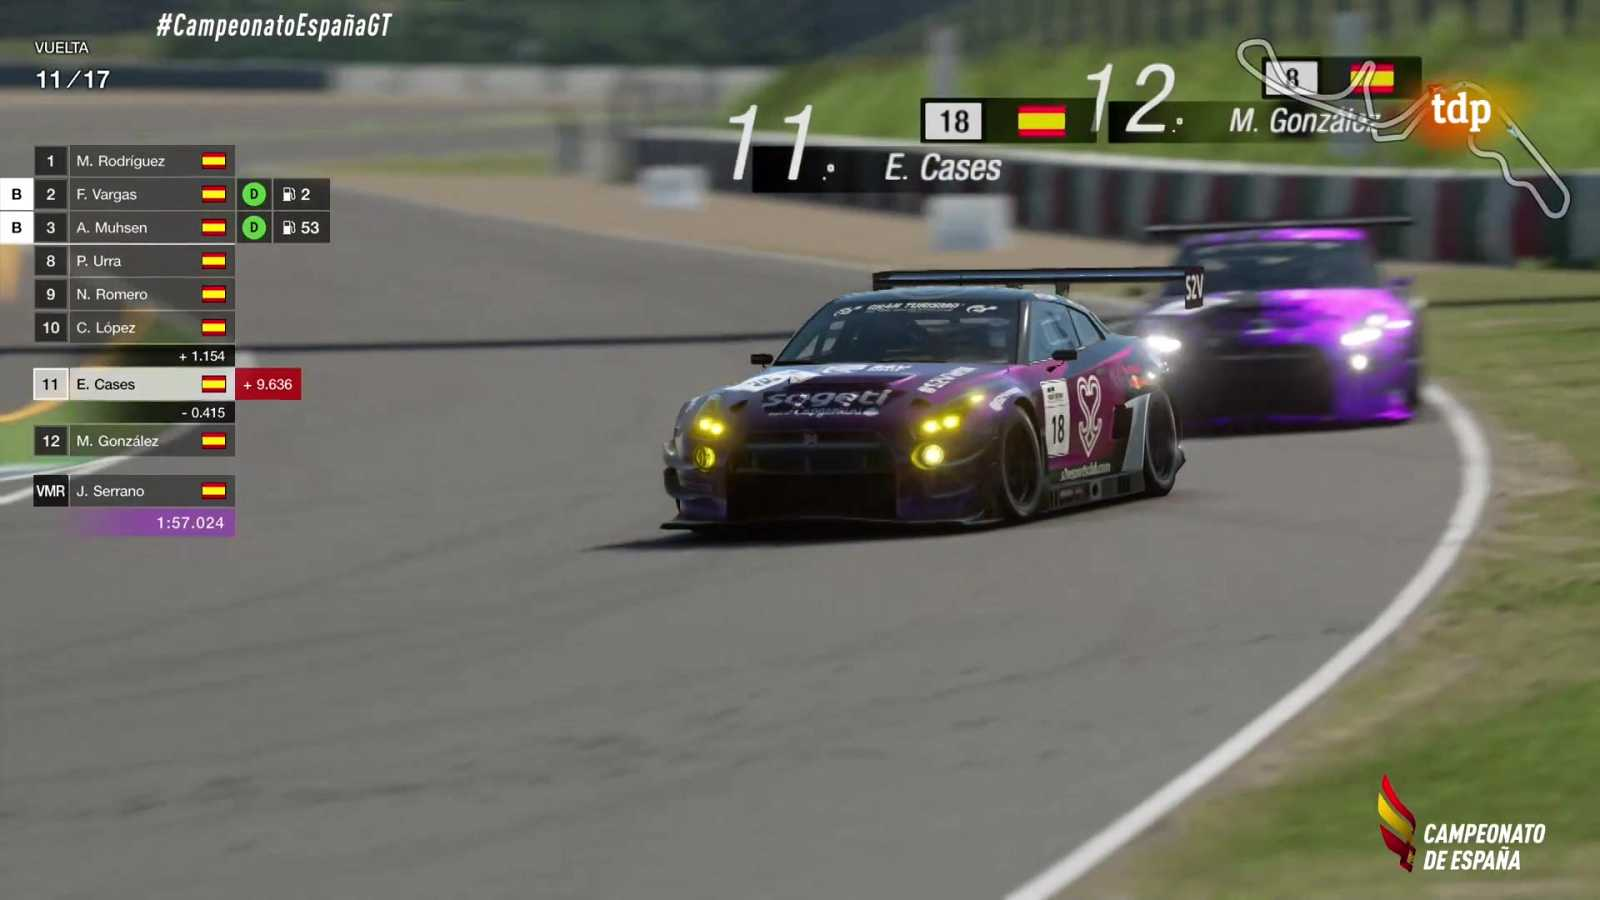 Automovilismo virtual - Campeonato de España Gran Turismo: Gran Premio - ver ahora